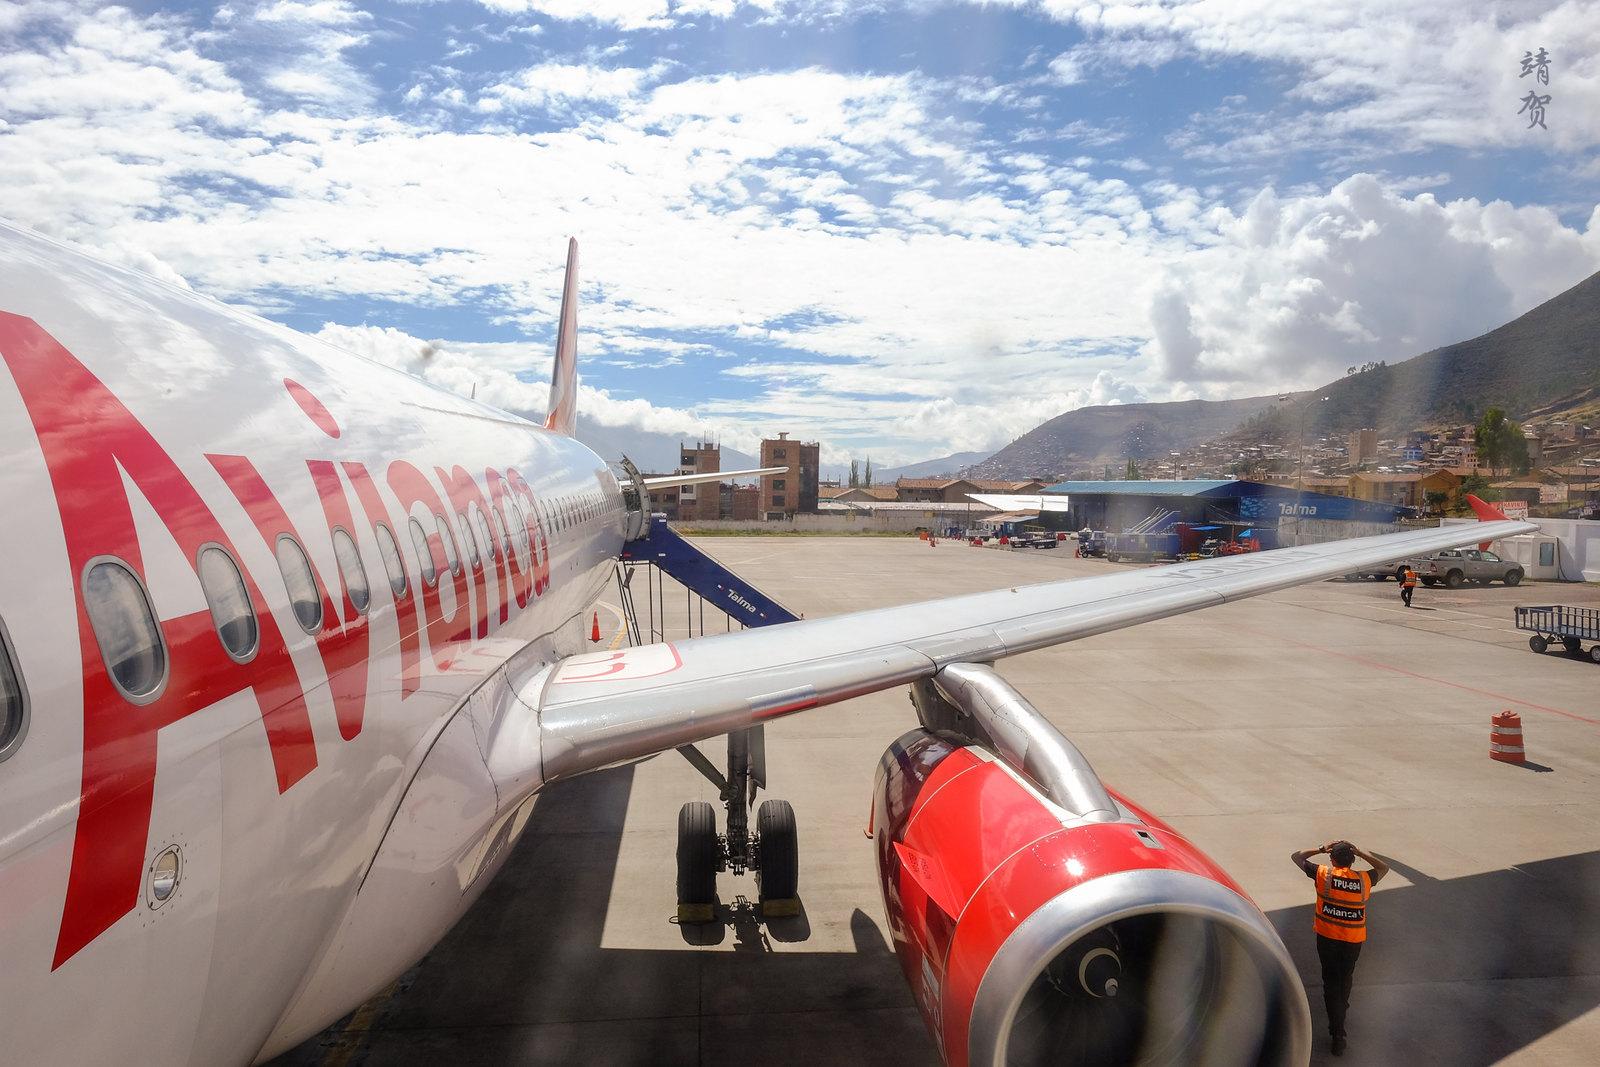 Boarding Avianca's A320